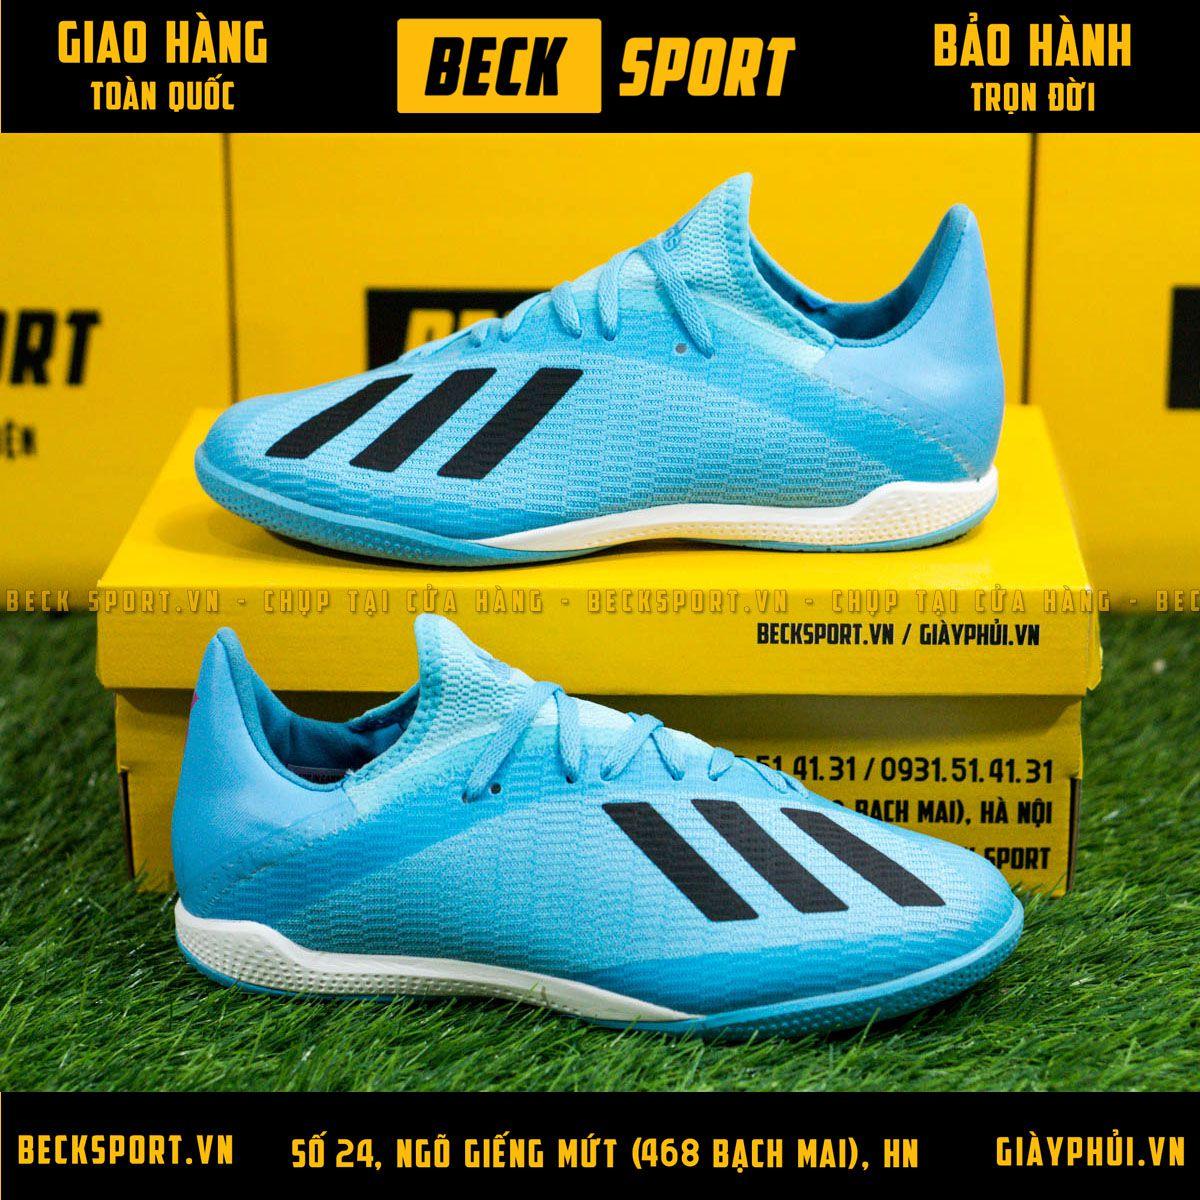 Giày Bóng Đá Adidas X 19.3 Xanh Biển Vạch Đen Đế Xanh IC